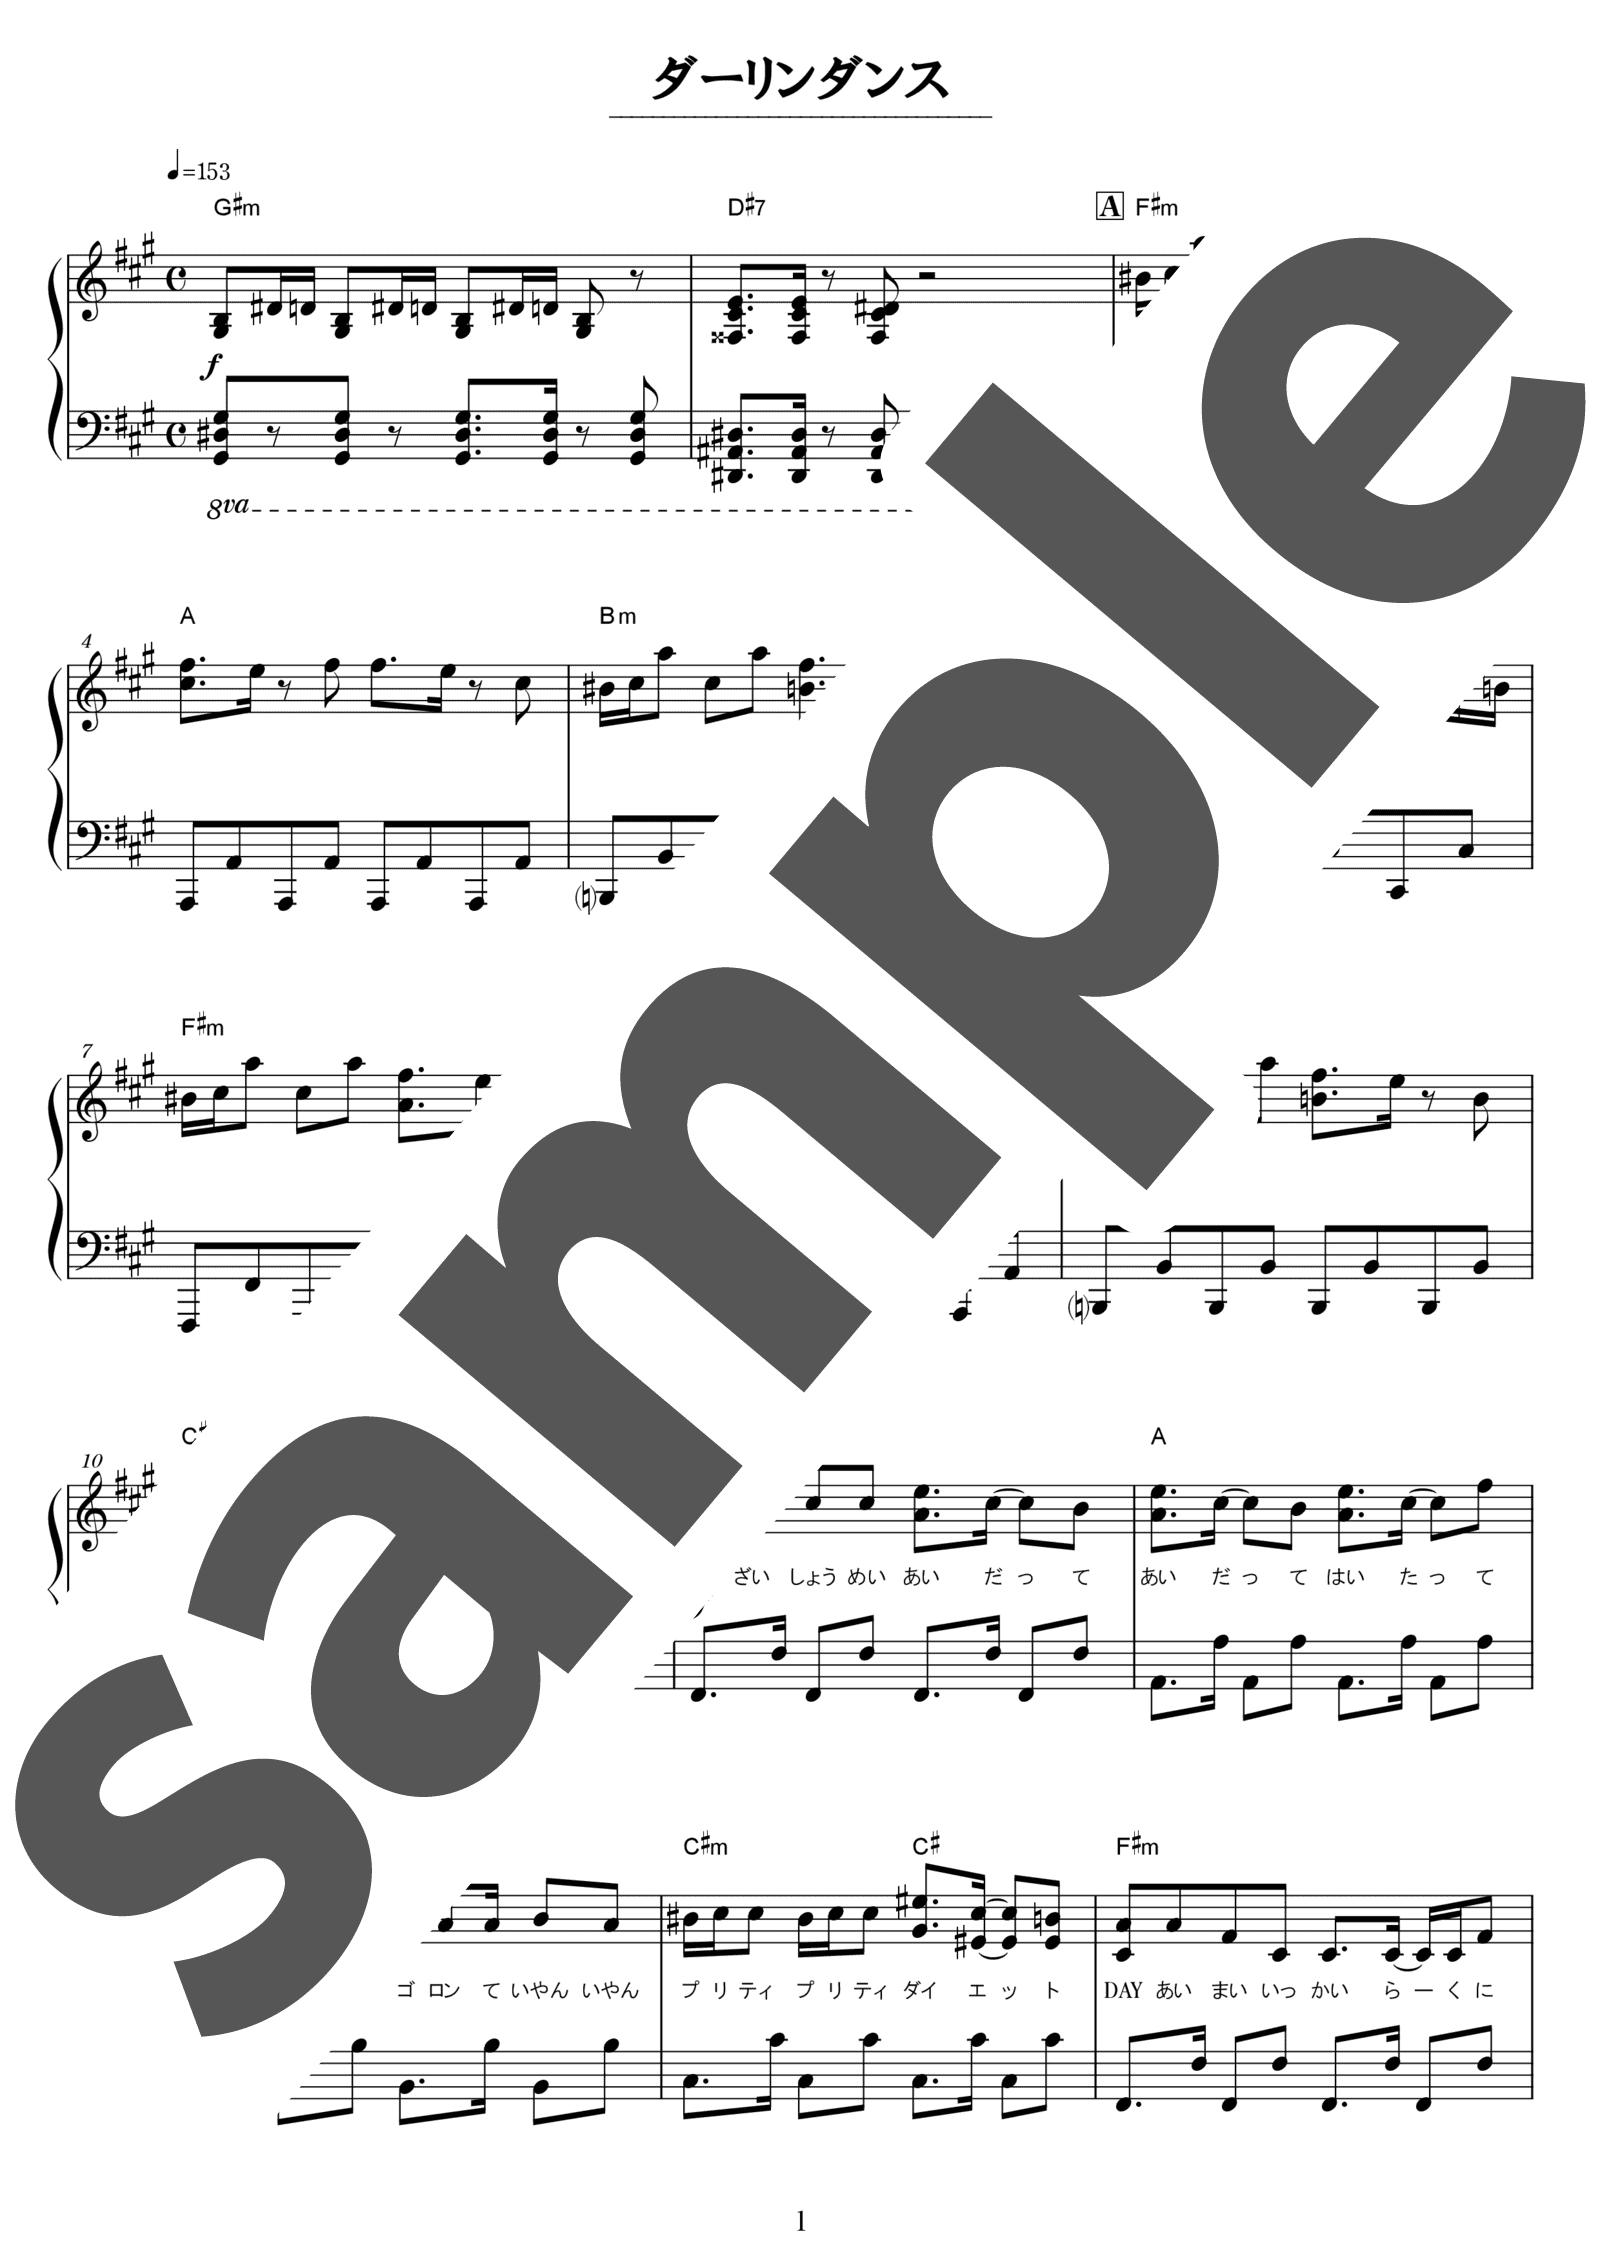 「ダーリンダンス 」のサンプル楽譜